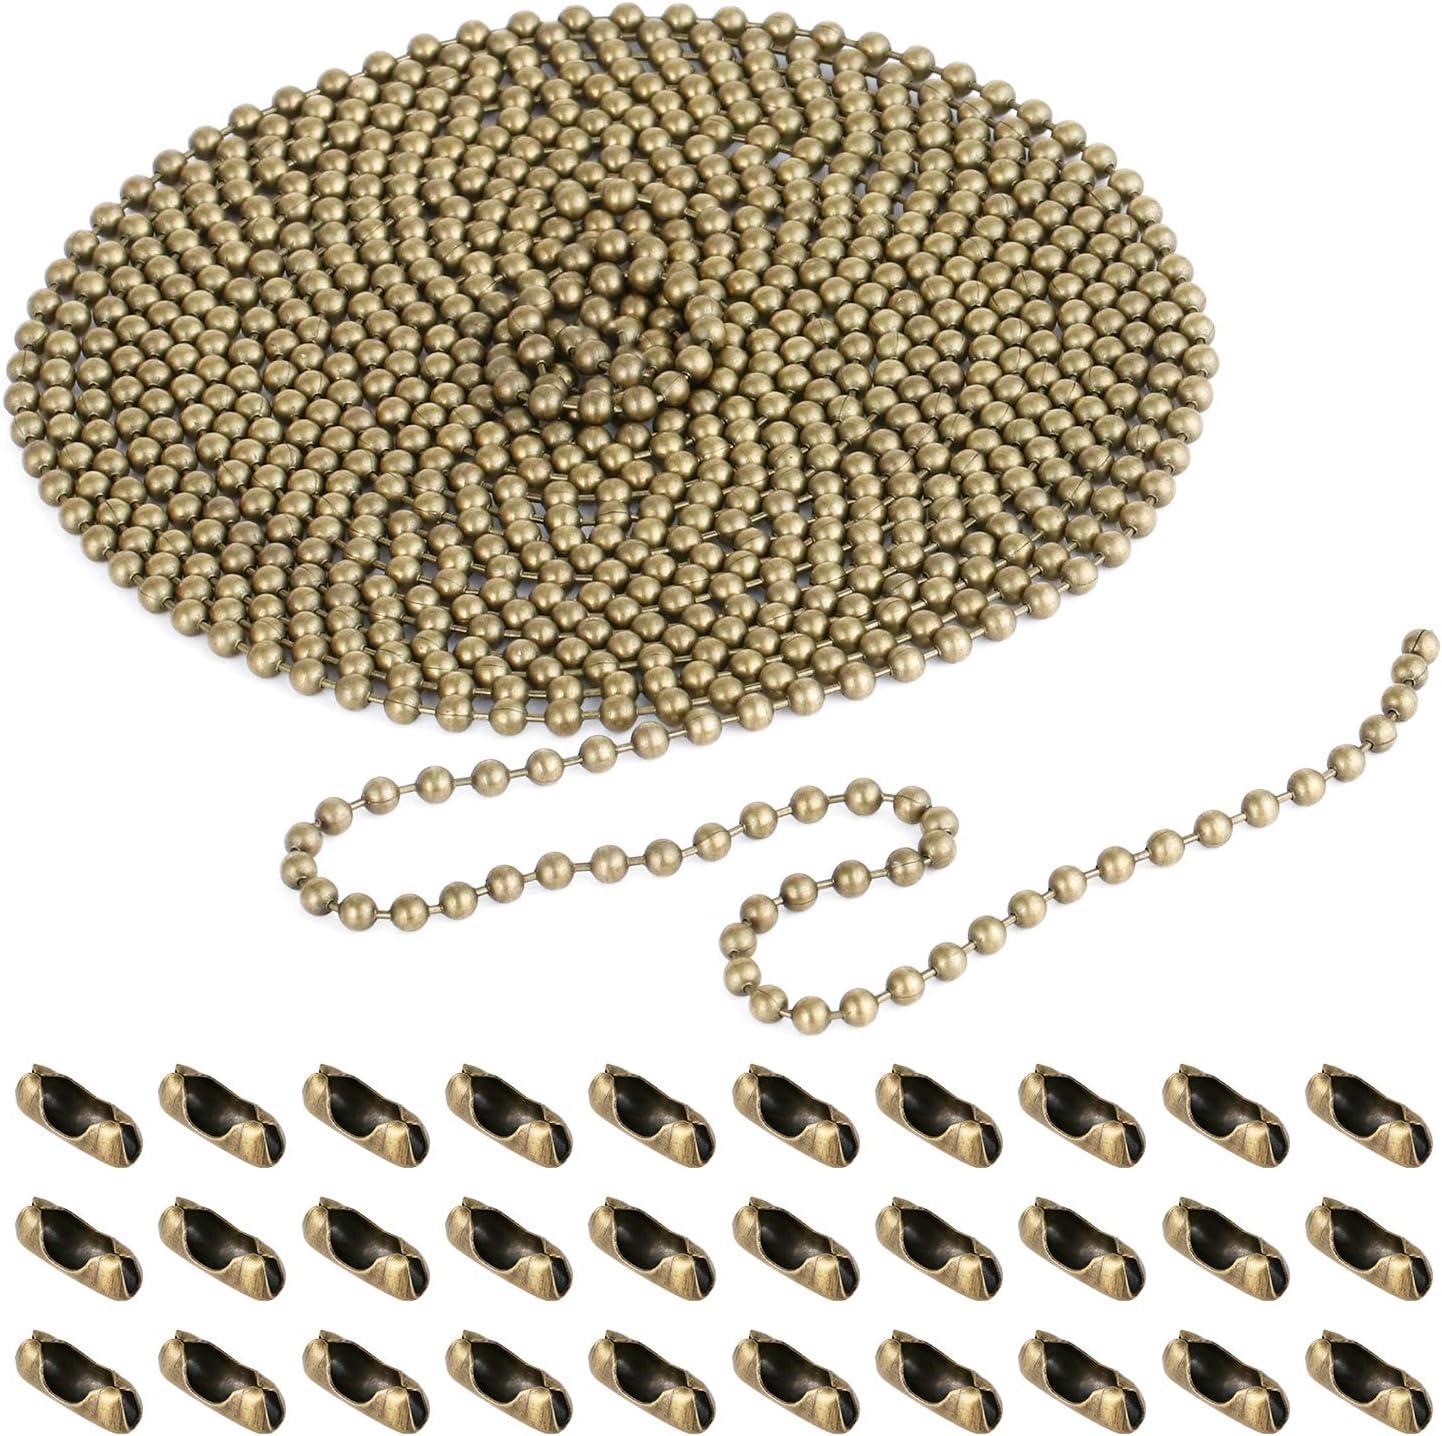 Extensión de cadena de 10 m con conector, cadena de bronce con cuentas de cadena con 30 conectores a juego para la cadena de tracción de luz de ventilador de techo (3,2 mm de diámetro)